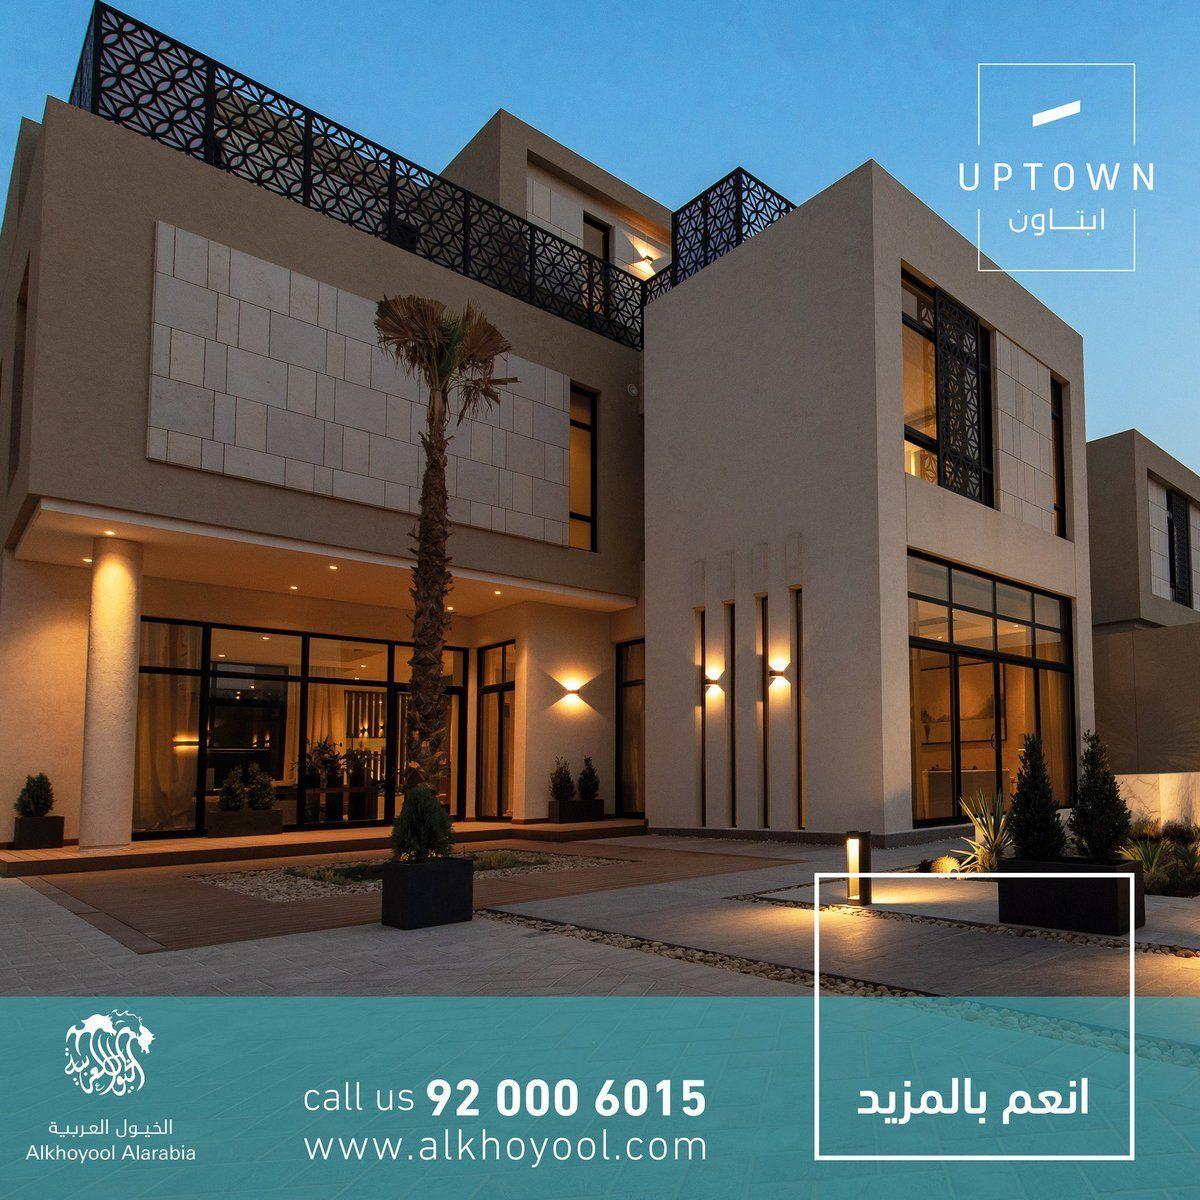 مشروع فلل ابتاون الخيول العربية House Styles House Design House Plans